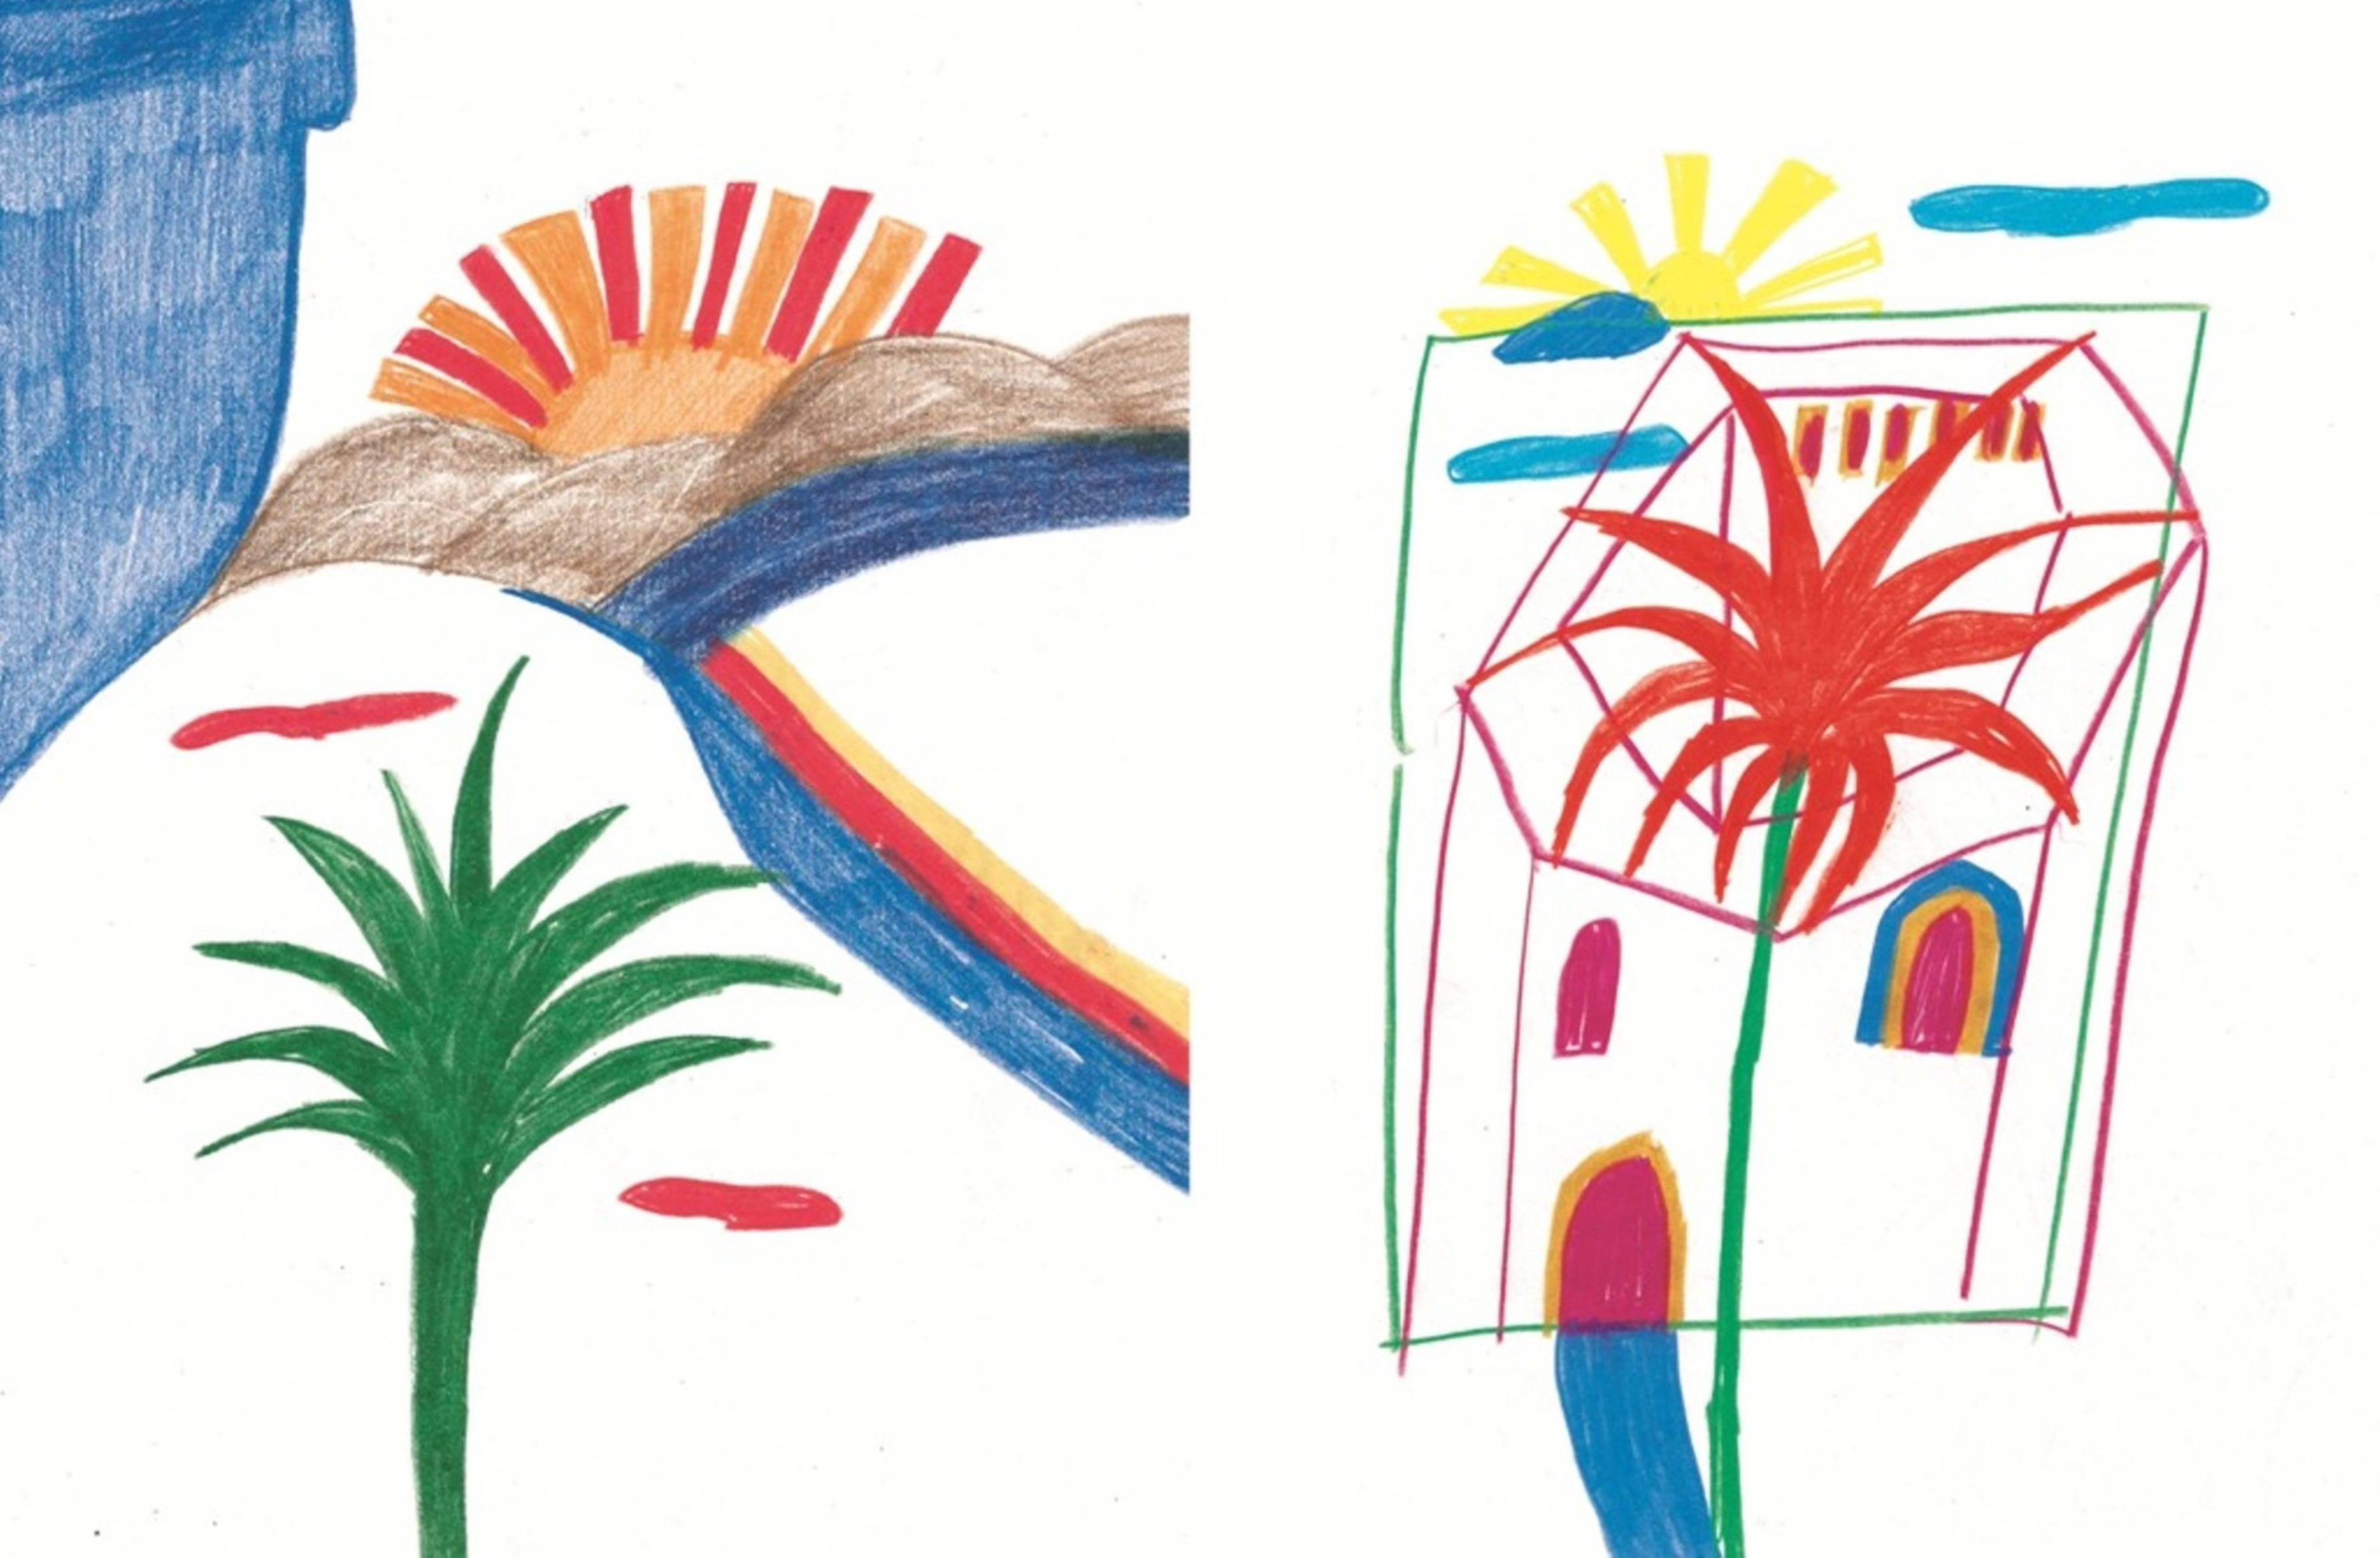 מתוך ספר האמן שייצא לאור לכבוד התערוכה